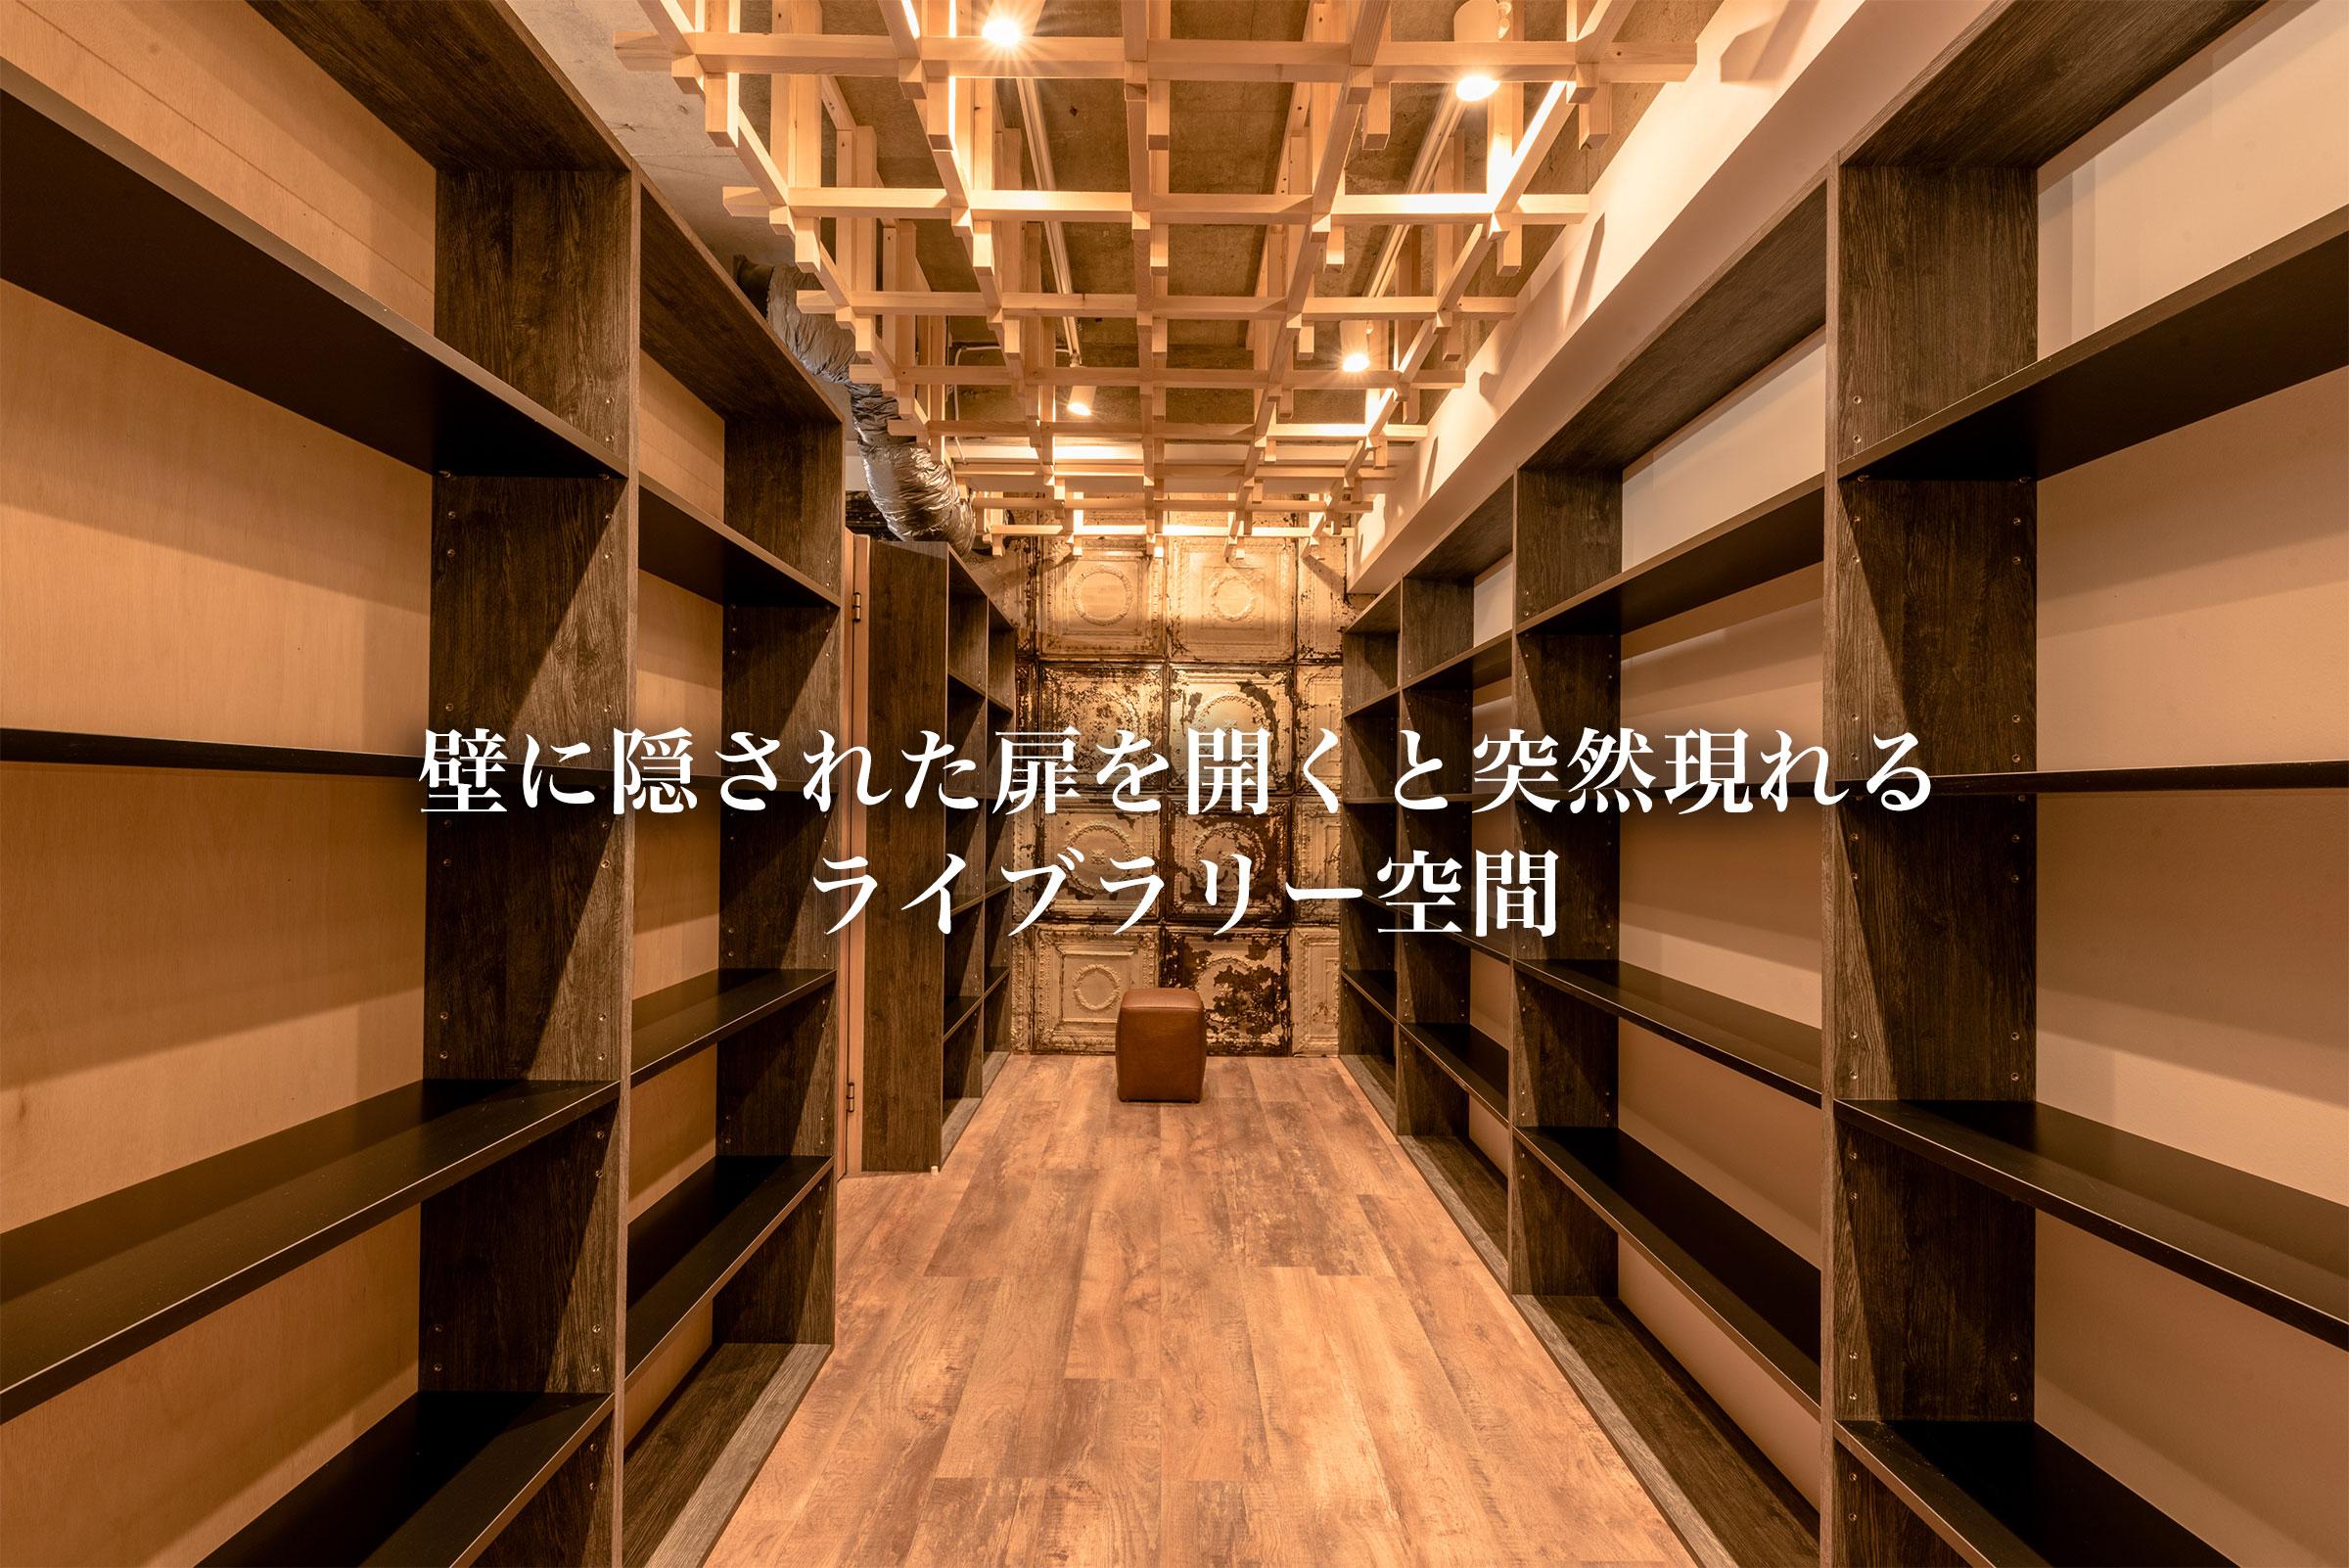 壁に隠された扉を開くと突然現れるライブラリー空間